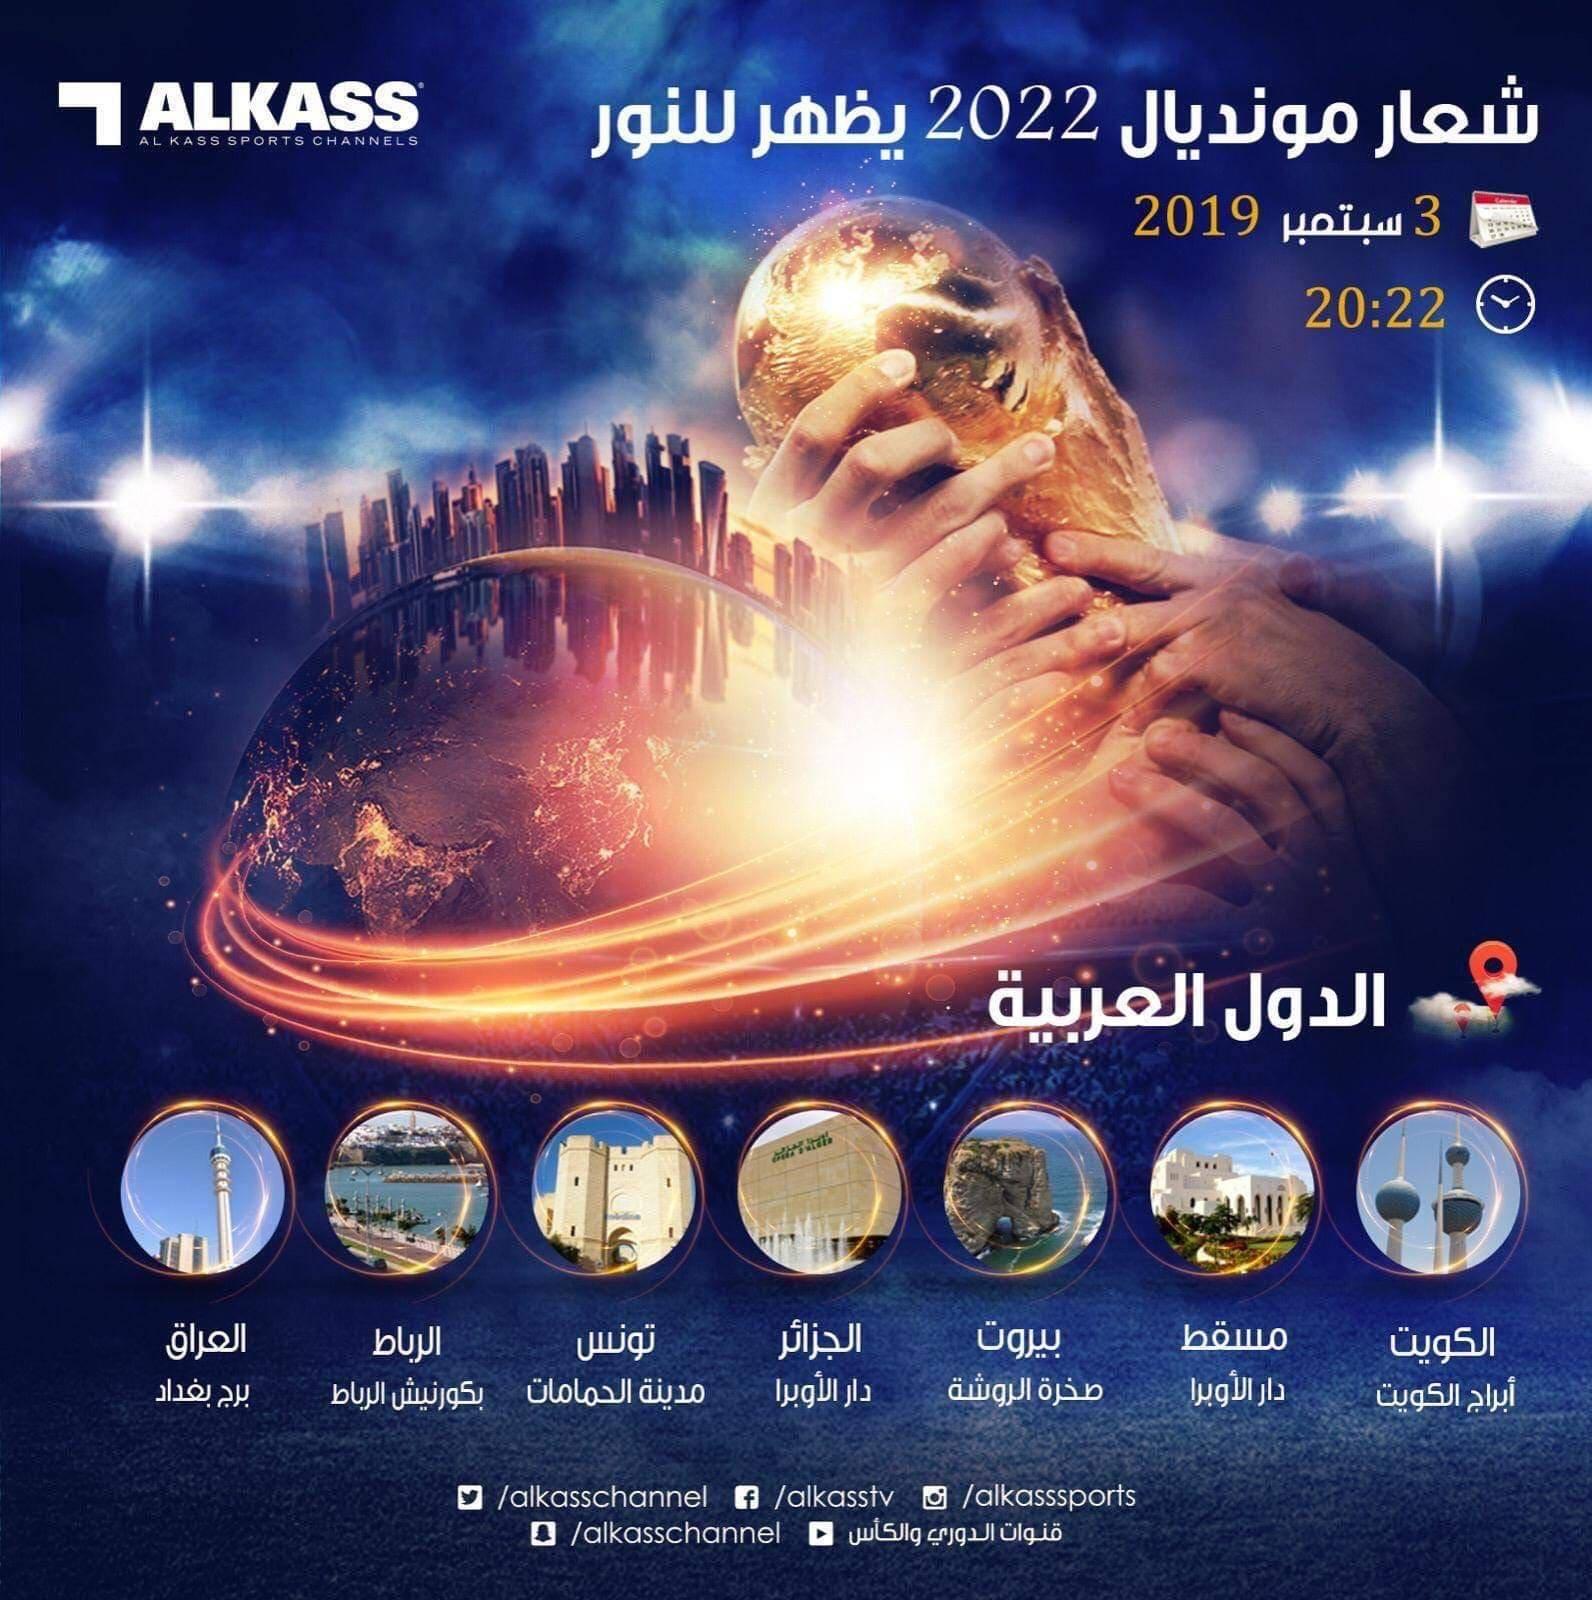 24 مدينة بينها بغداد ستشهد مساء اليوم حملة إطلاق شعار كأس العالم 2022